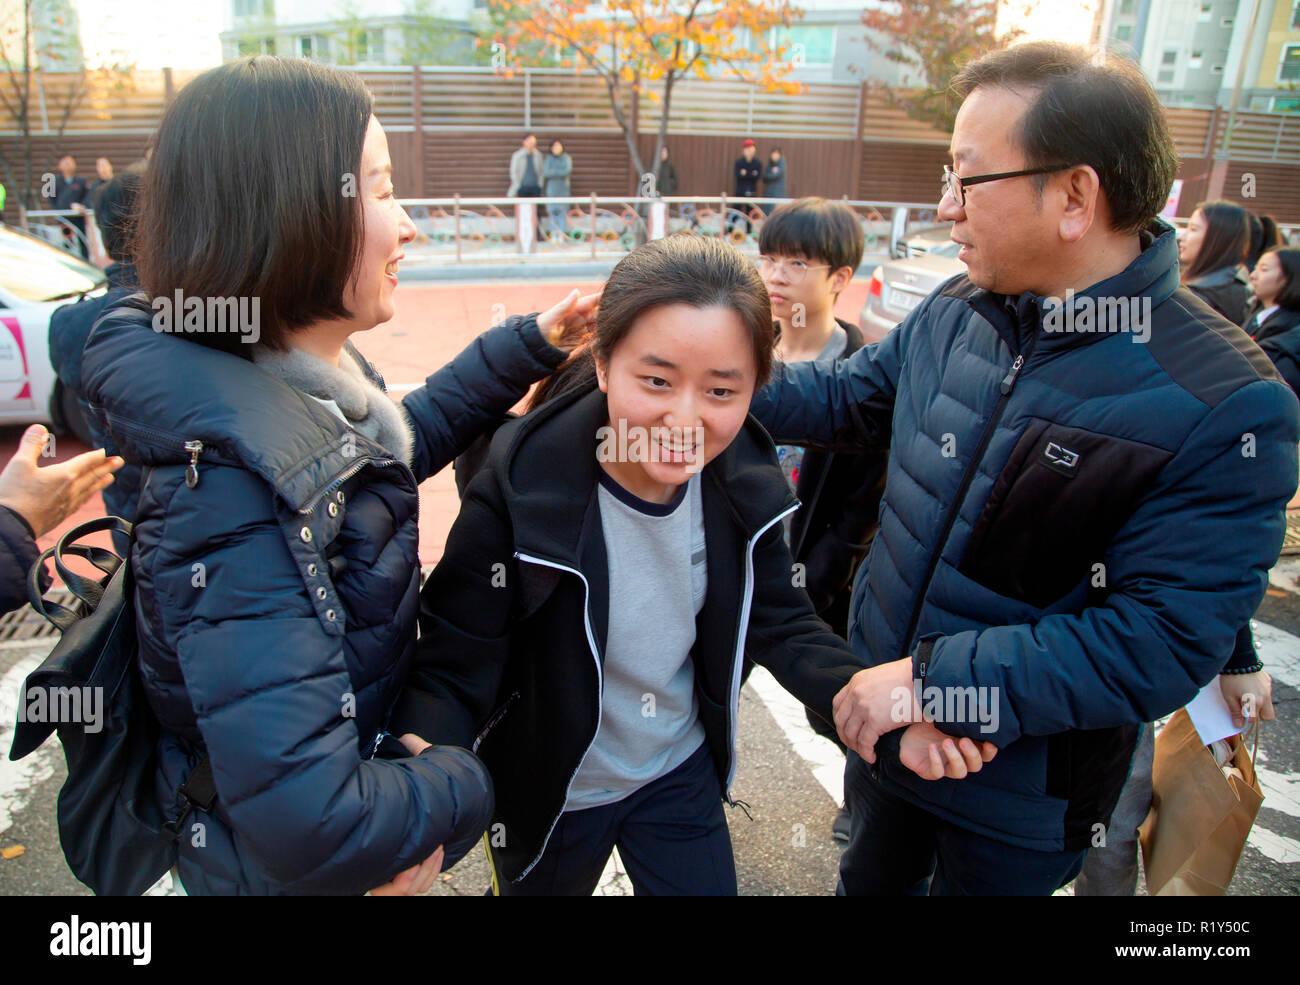 Busan, Séoul, Corée du Sud. 15 Nov 2018. Les enseignants à encourager un étudiant au secondaire (C) arrivant en face d'une salle d'examen de l'examen d'entrée à l'université nationale de Pusan, environ 420 km (261 milles) au sud-est de Séoul, Corée du Sud. La Corée du Sud a tenu l'examen d'entrée à l'université annuelle nationale, le Collège Scholastic Aptitude Test (CSAT) le jeudi et environ 540 000 candidats ont passé l'examen pour cette année. Credit: Lee Jae-Won/AFLO/Alamy Live News Photo Stock